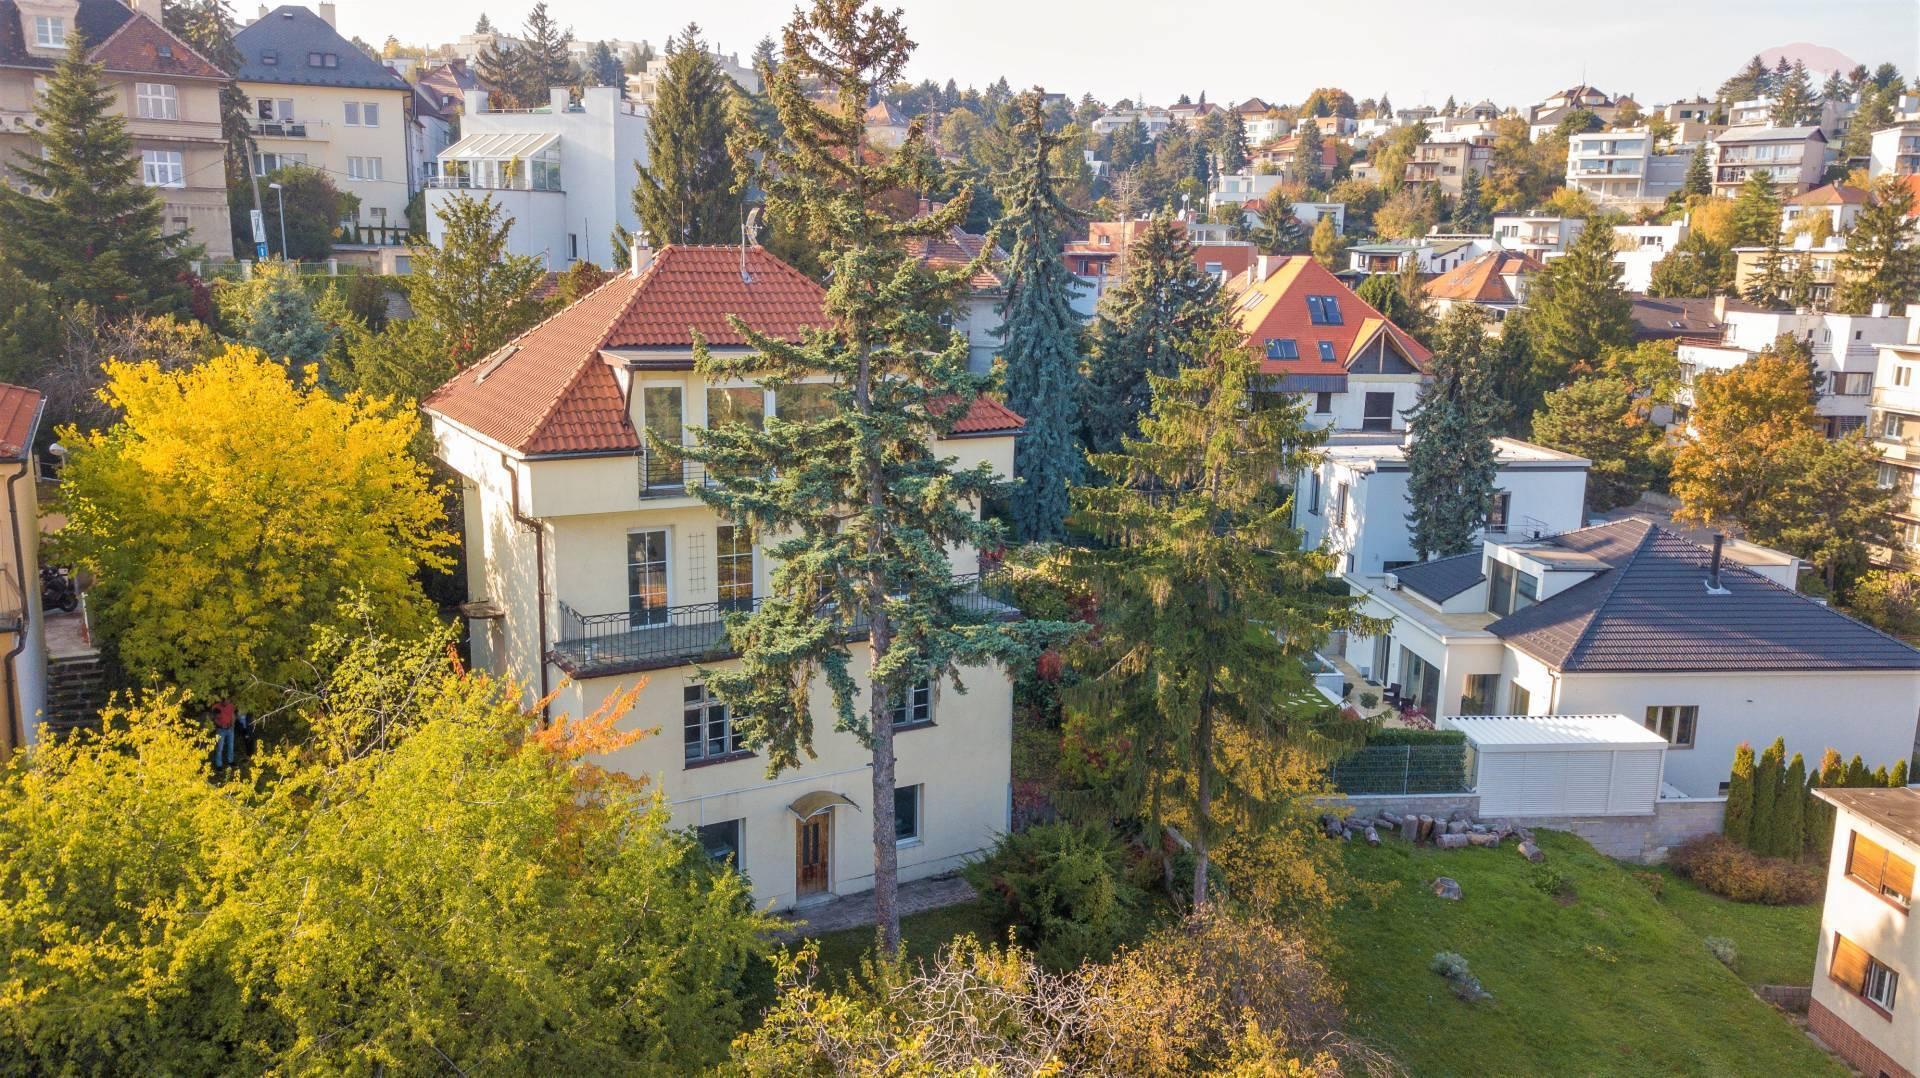 Predaj vila v atraktívnej lokalite s nádherným výhľadom a 3 bytovými jednotkami, Staré Mesto